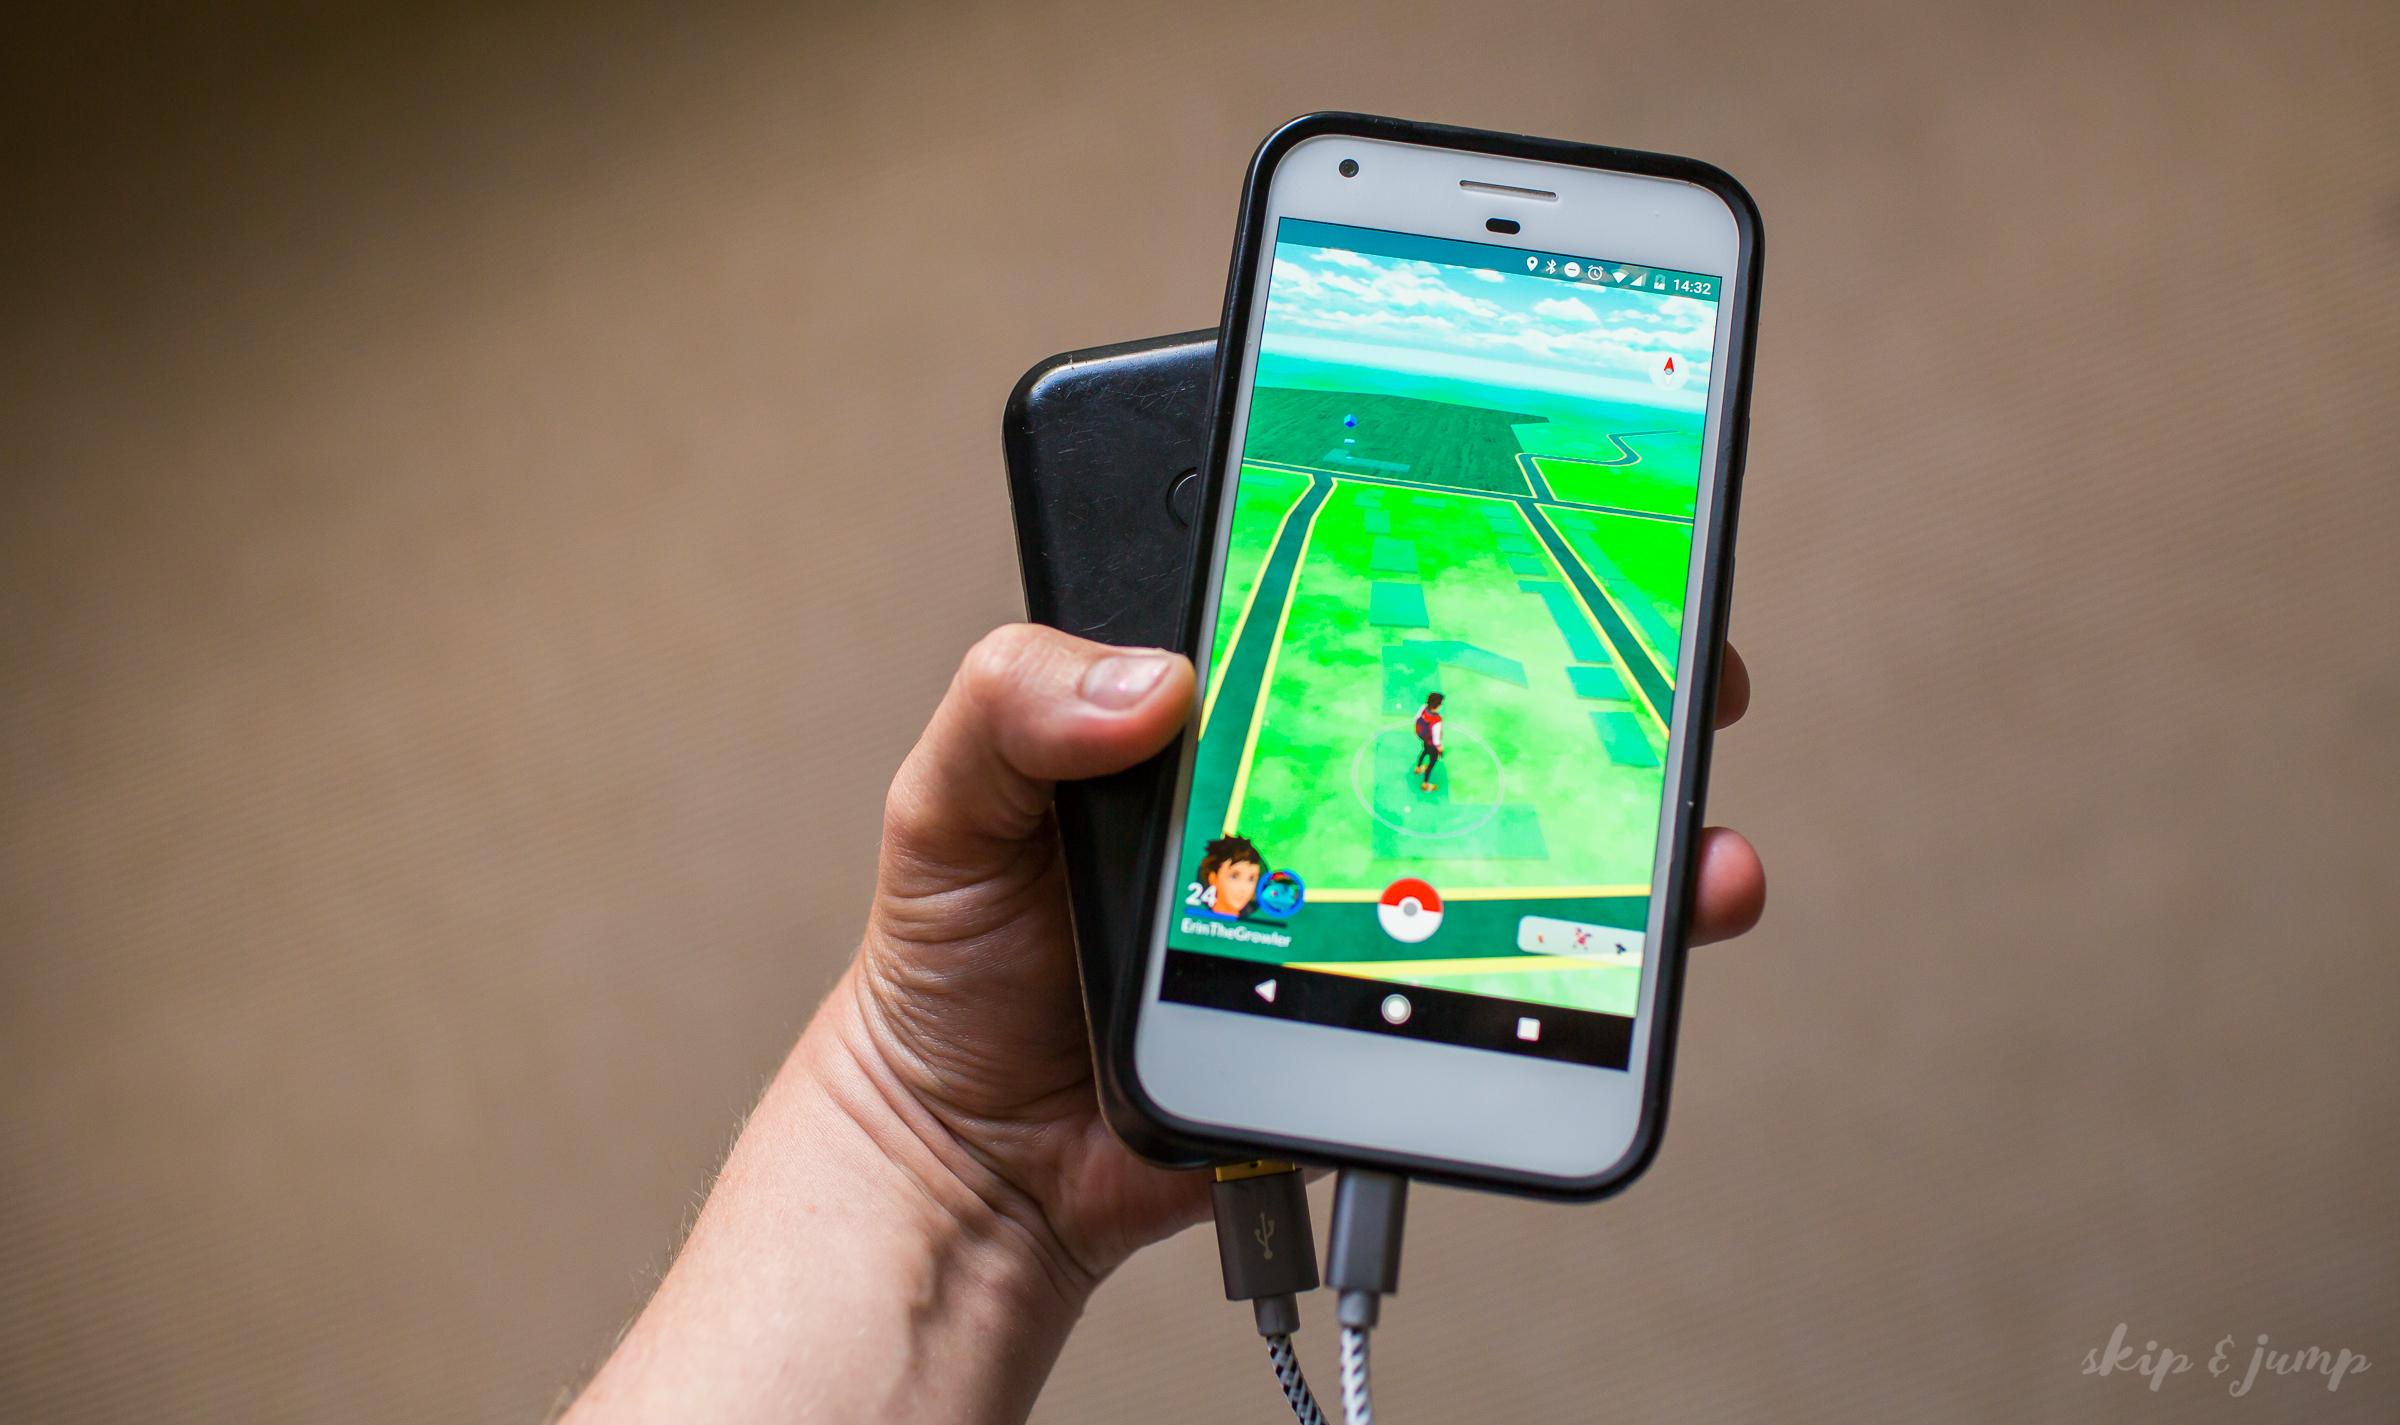 cdbd7-pokemongochargerpokemongocharger.jpg